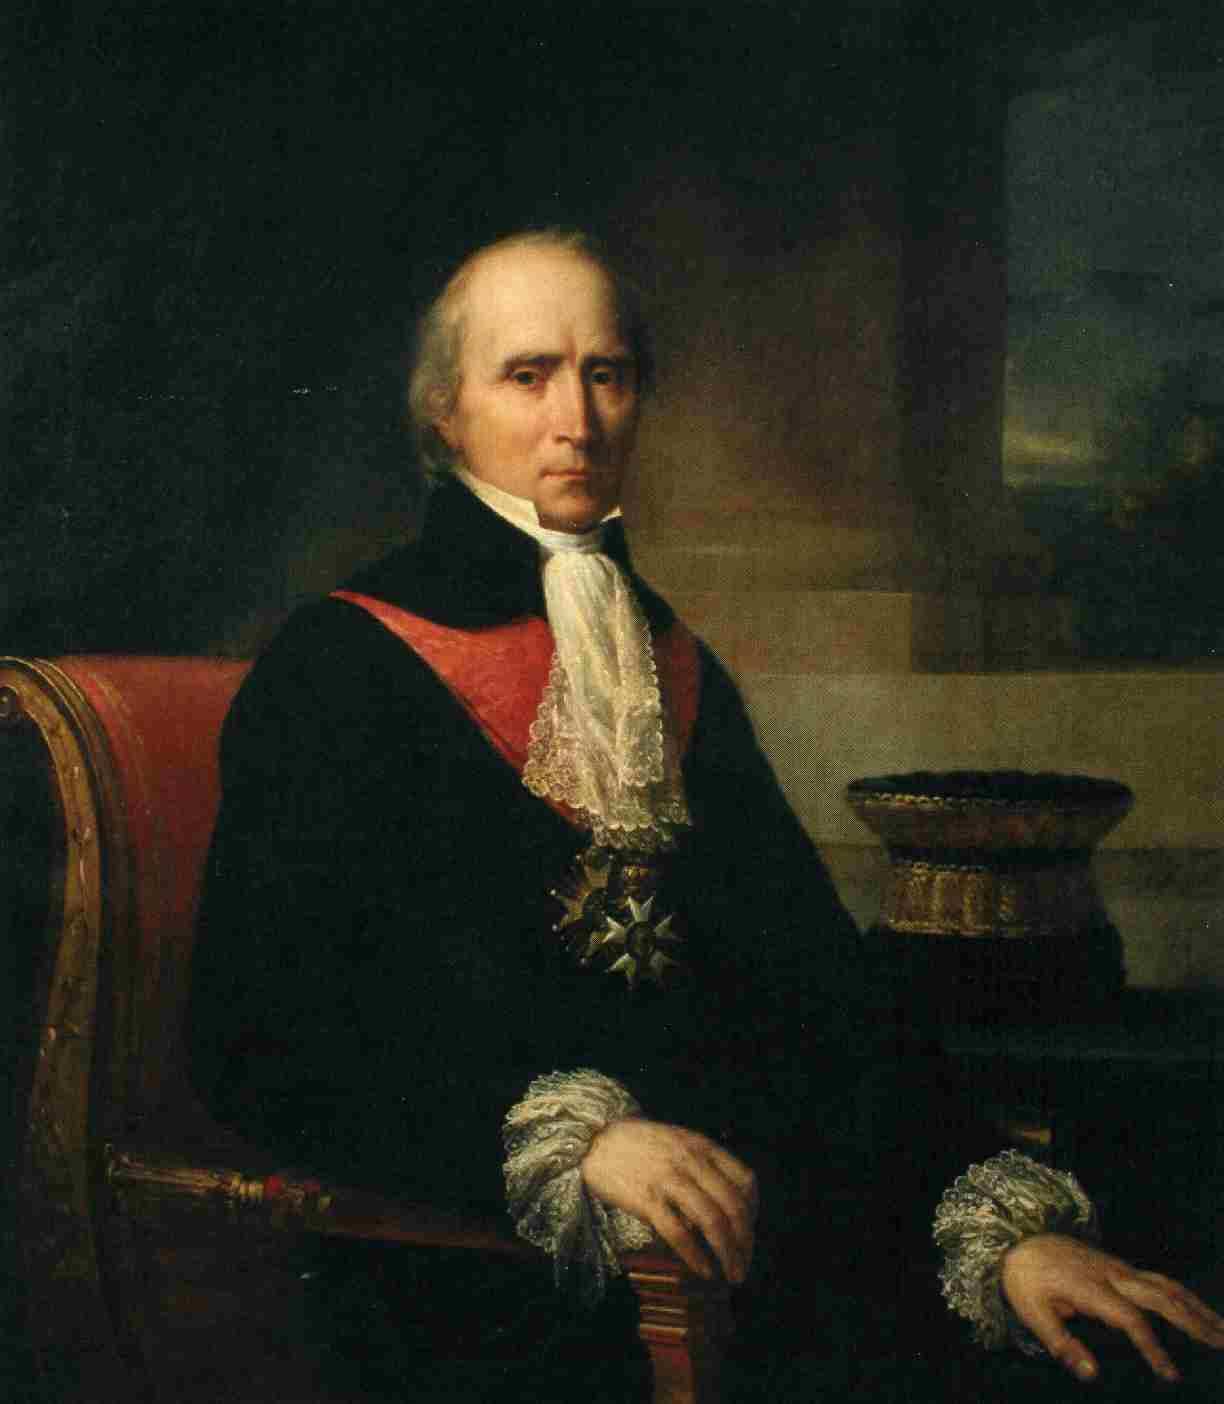 François Barbé de Marbois, Président de la Cour des Comptes, par J.P. Franque